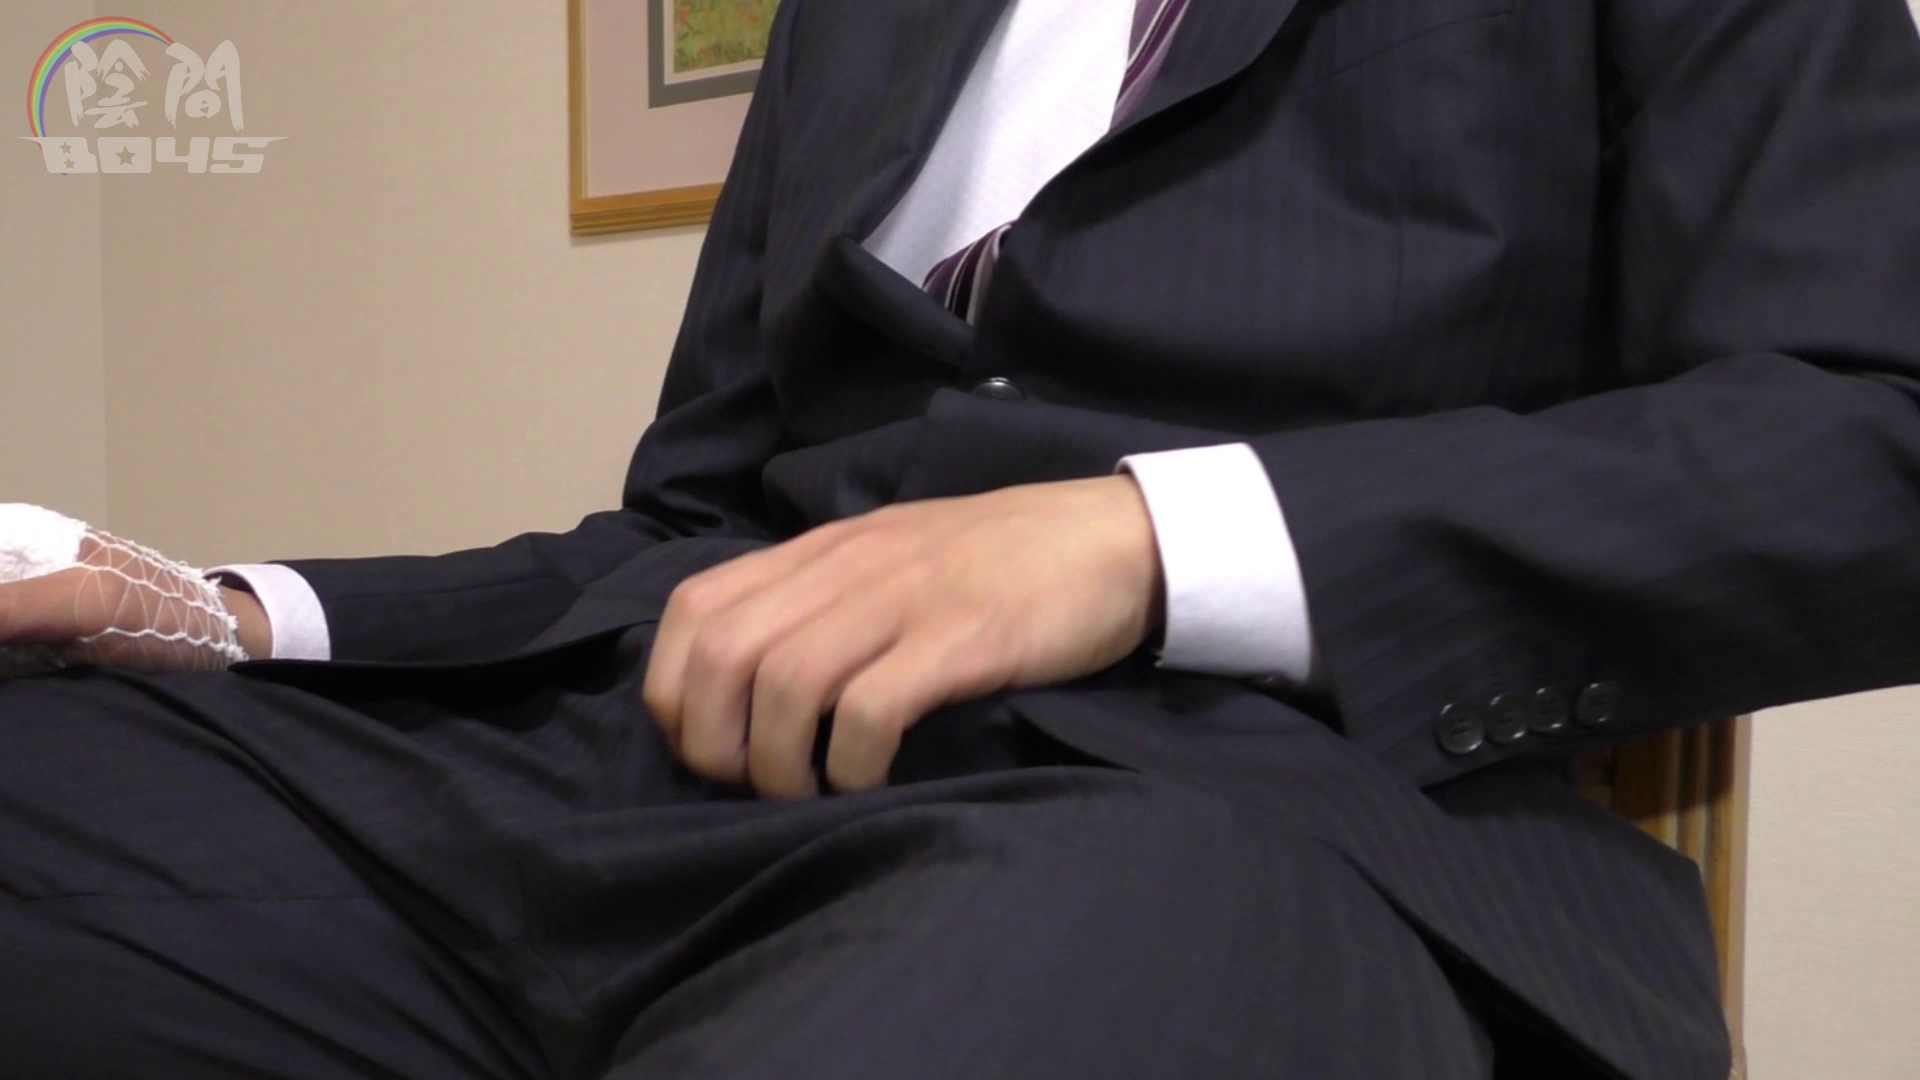 """【期間限定配信】キャバクラの仕事は""""アナル""""から2 Vol.01 HTDV ゲイフリーエロ画像 56pic 35"""